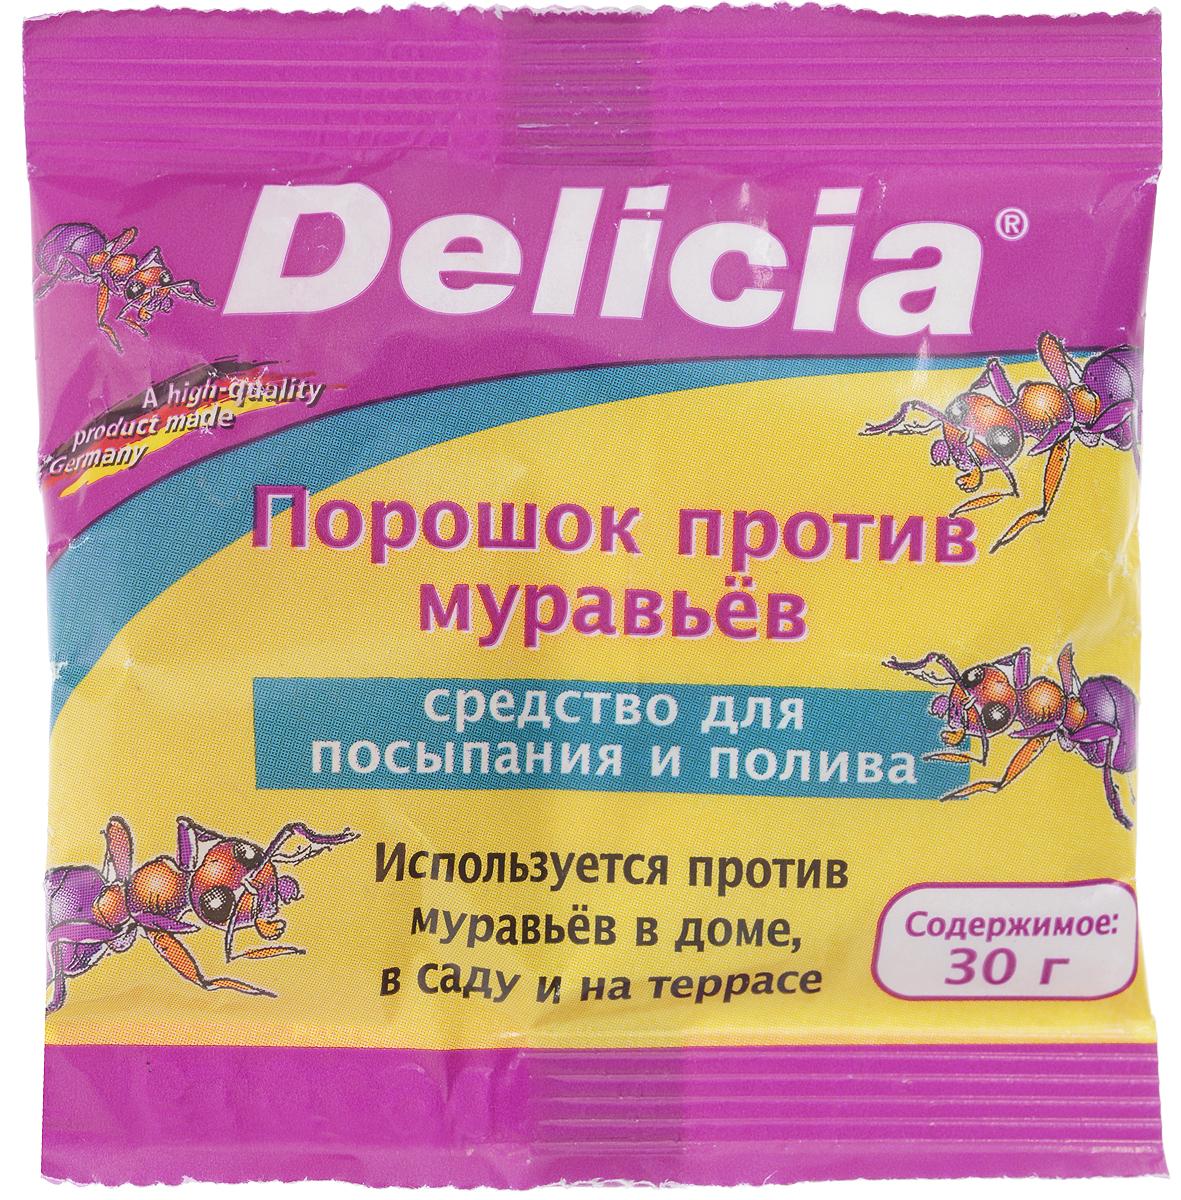 Порошок против муравьев Delicia, 30 г1558-922Порошок Delicia используется против муравьев в доме, саду и на террасе. Средство может применяться как для посыпания, так и для полива. Муравьи переносят порошок в свое гнездо, где он поедается муравьиной королевой и подрастающим потомством. Коме того, порошок обладает контактным действием. Действующее вещество: 10 г/кг хлорпирифос. Противоядие: атропин + токсогонин (при врачебном контроле). Товар сертифицирован.